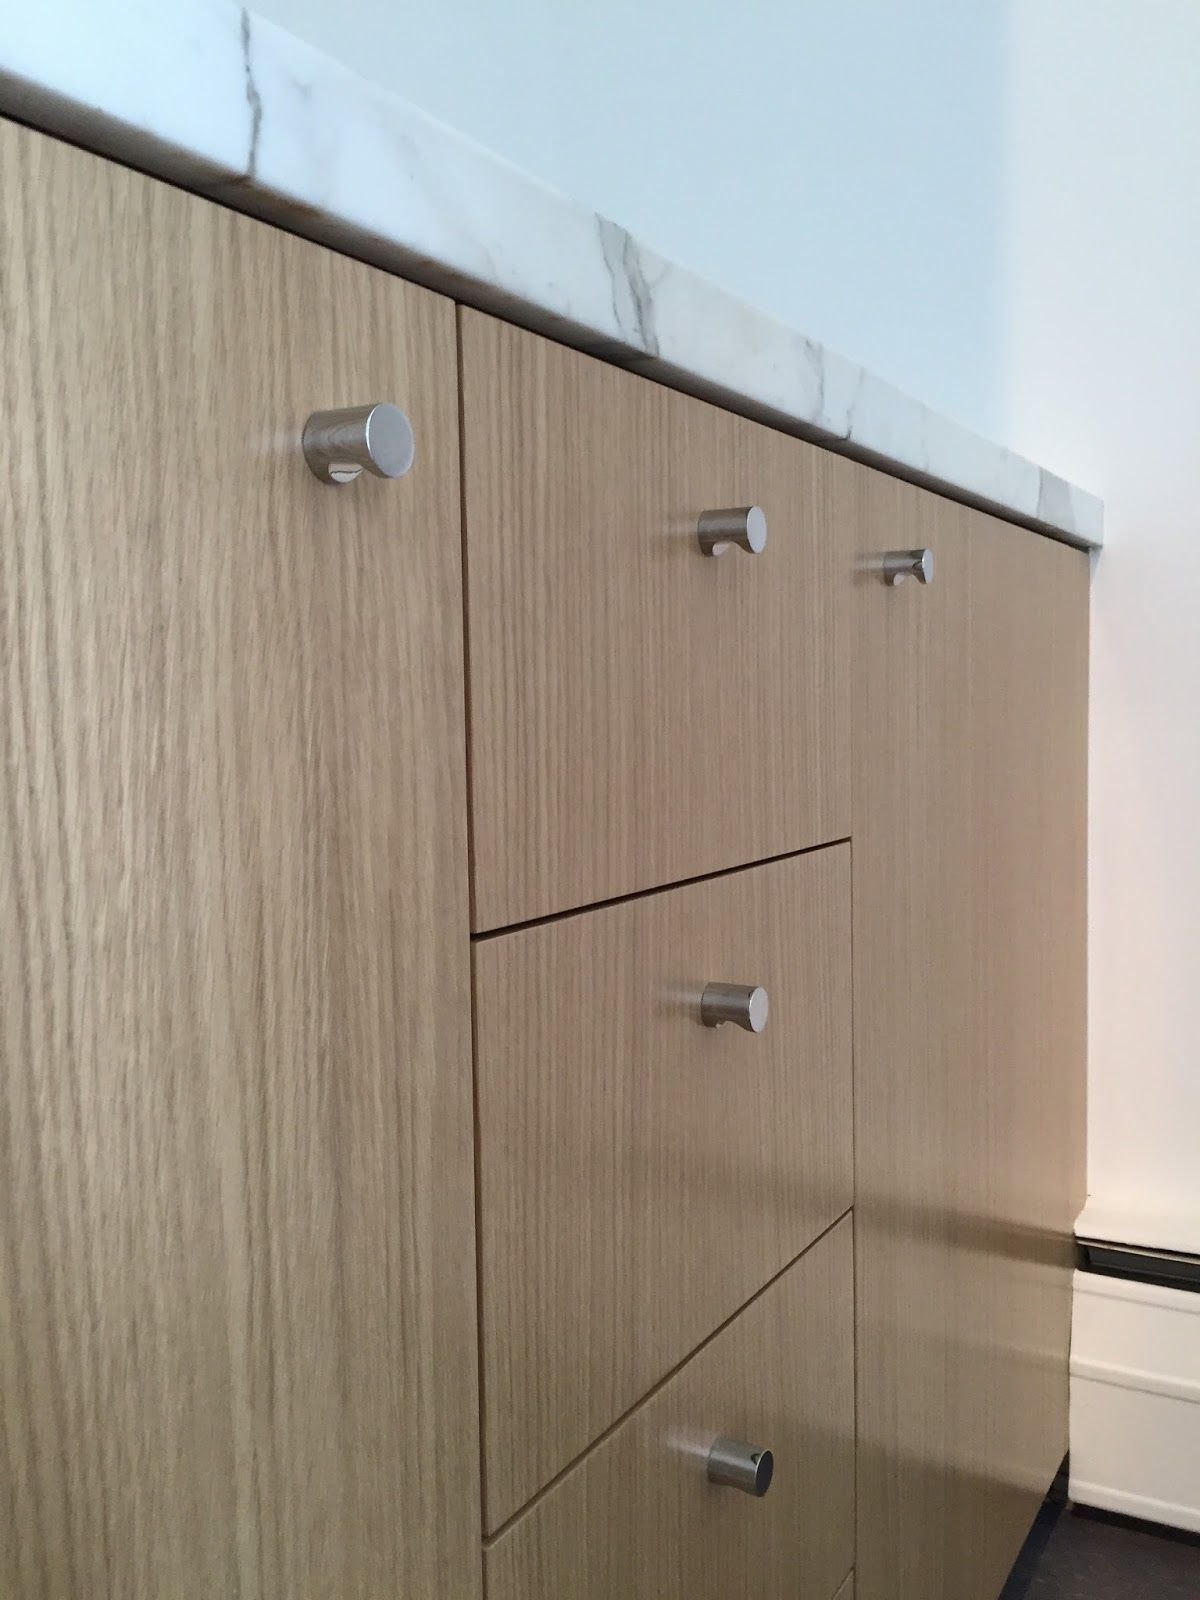 Best Fabulous Rift Sawn White Oak Vanity Liz Dunning Design 400 x 300